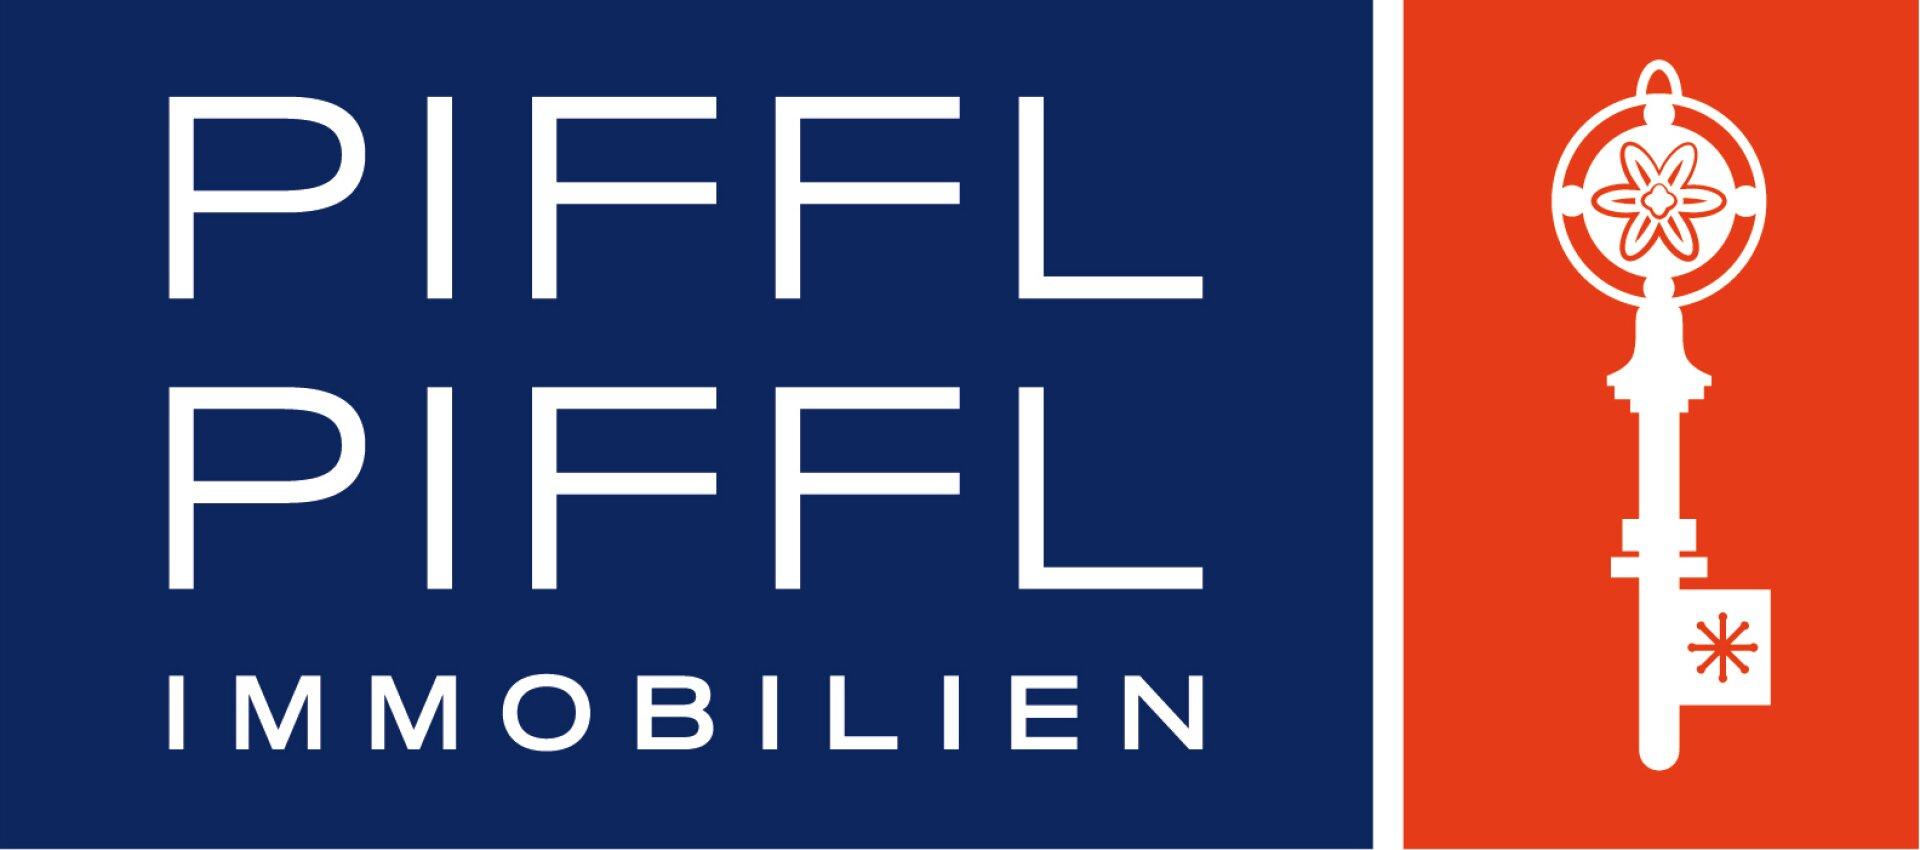 PIFFL & PIFFL